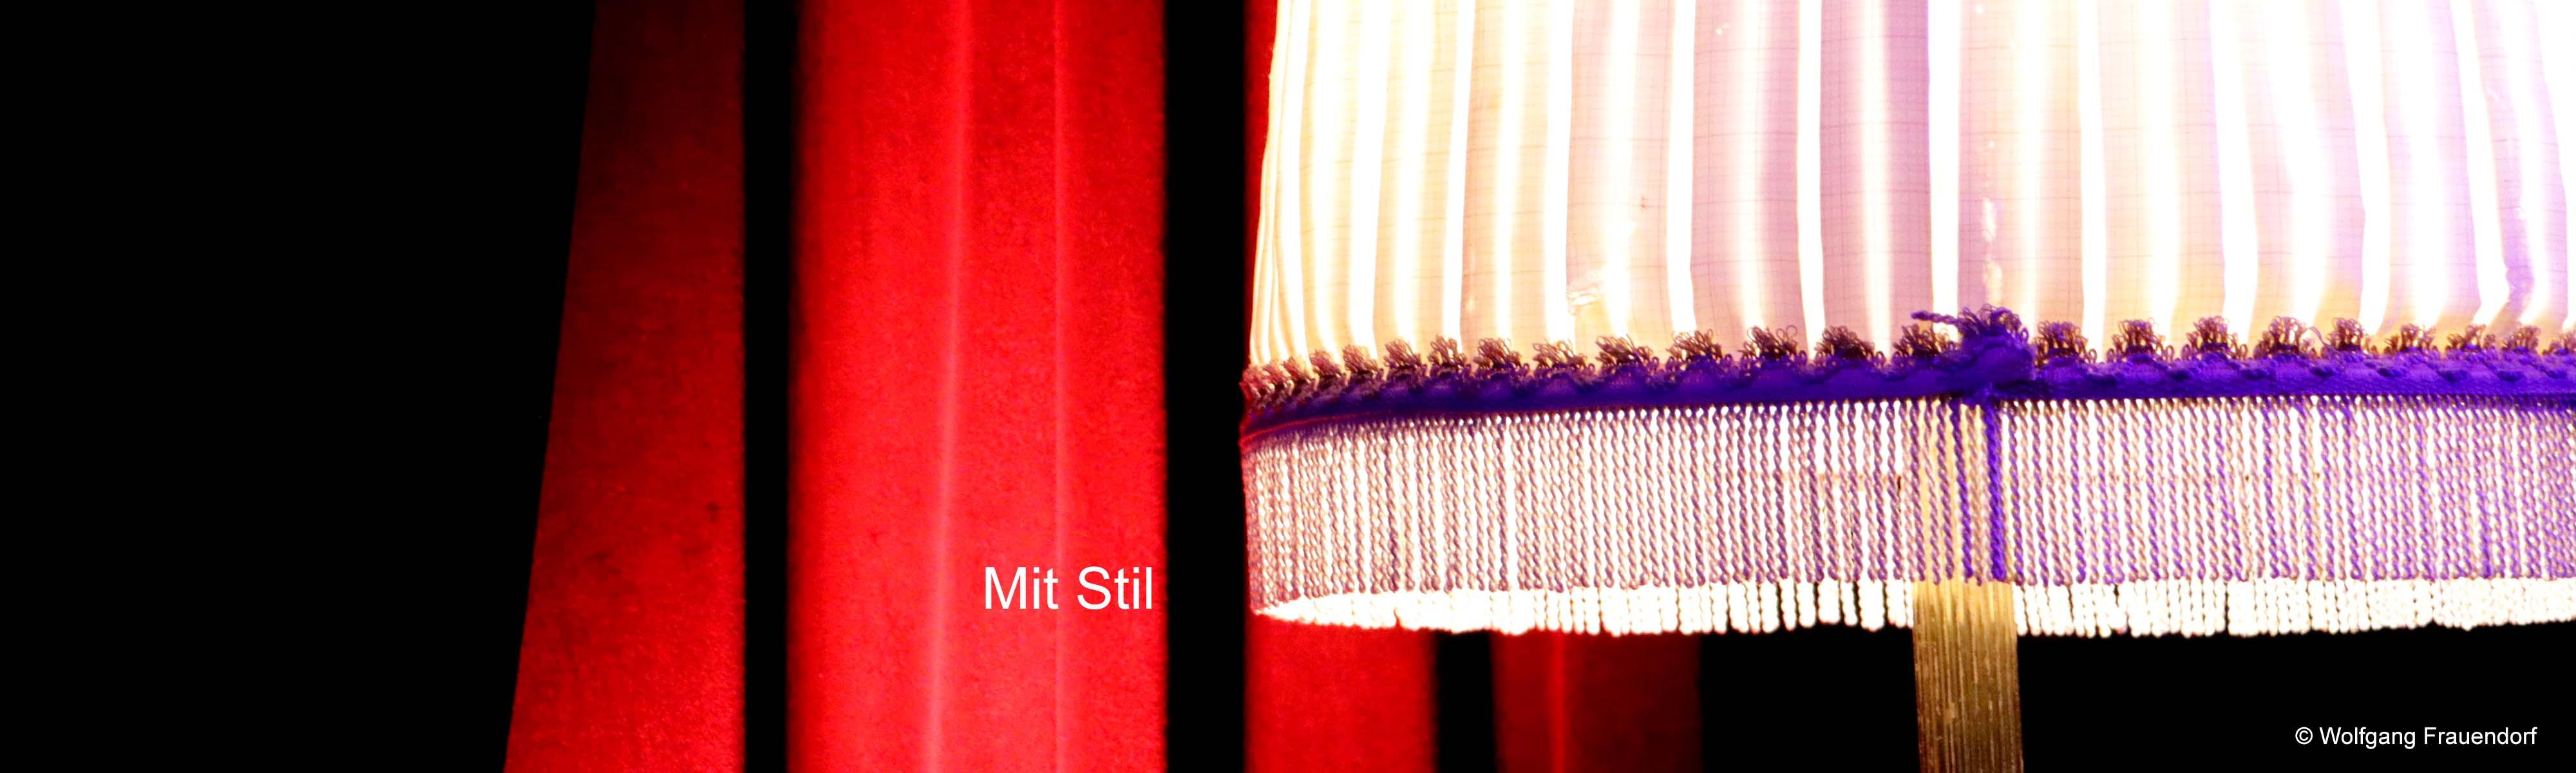 Bildsetzung Lampenschirm Symbolisiert mit Stil- Werbung Marketing